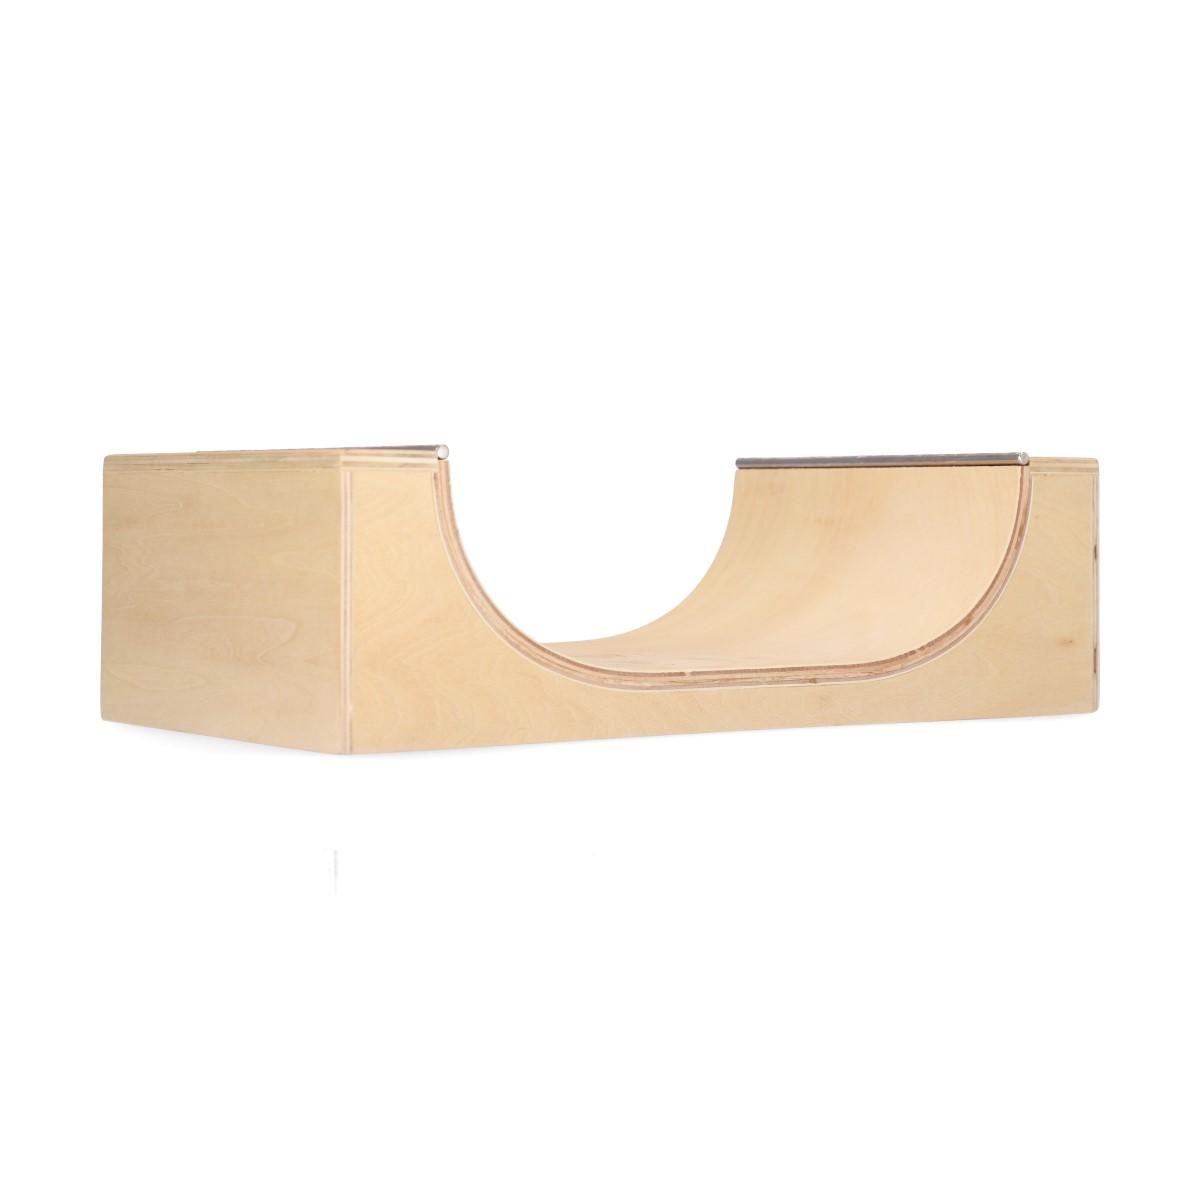 Tech Deck Wood Sk8 Parks Wooden Miniramp